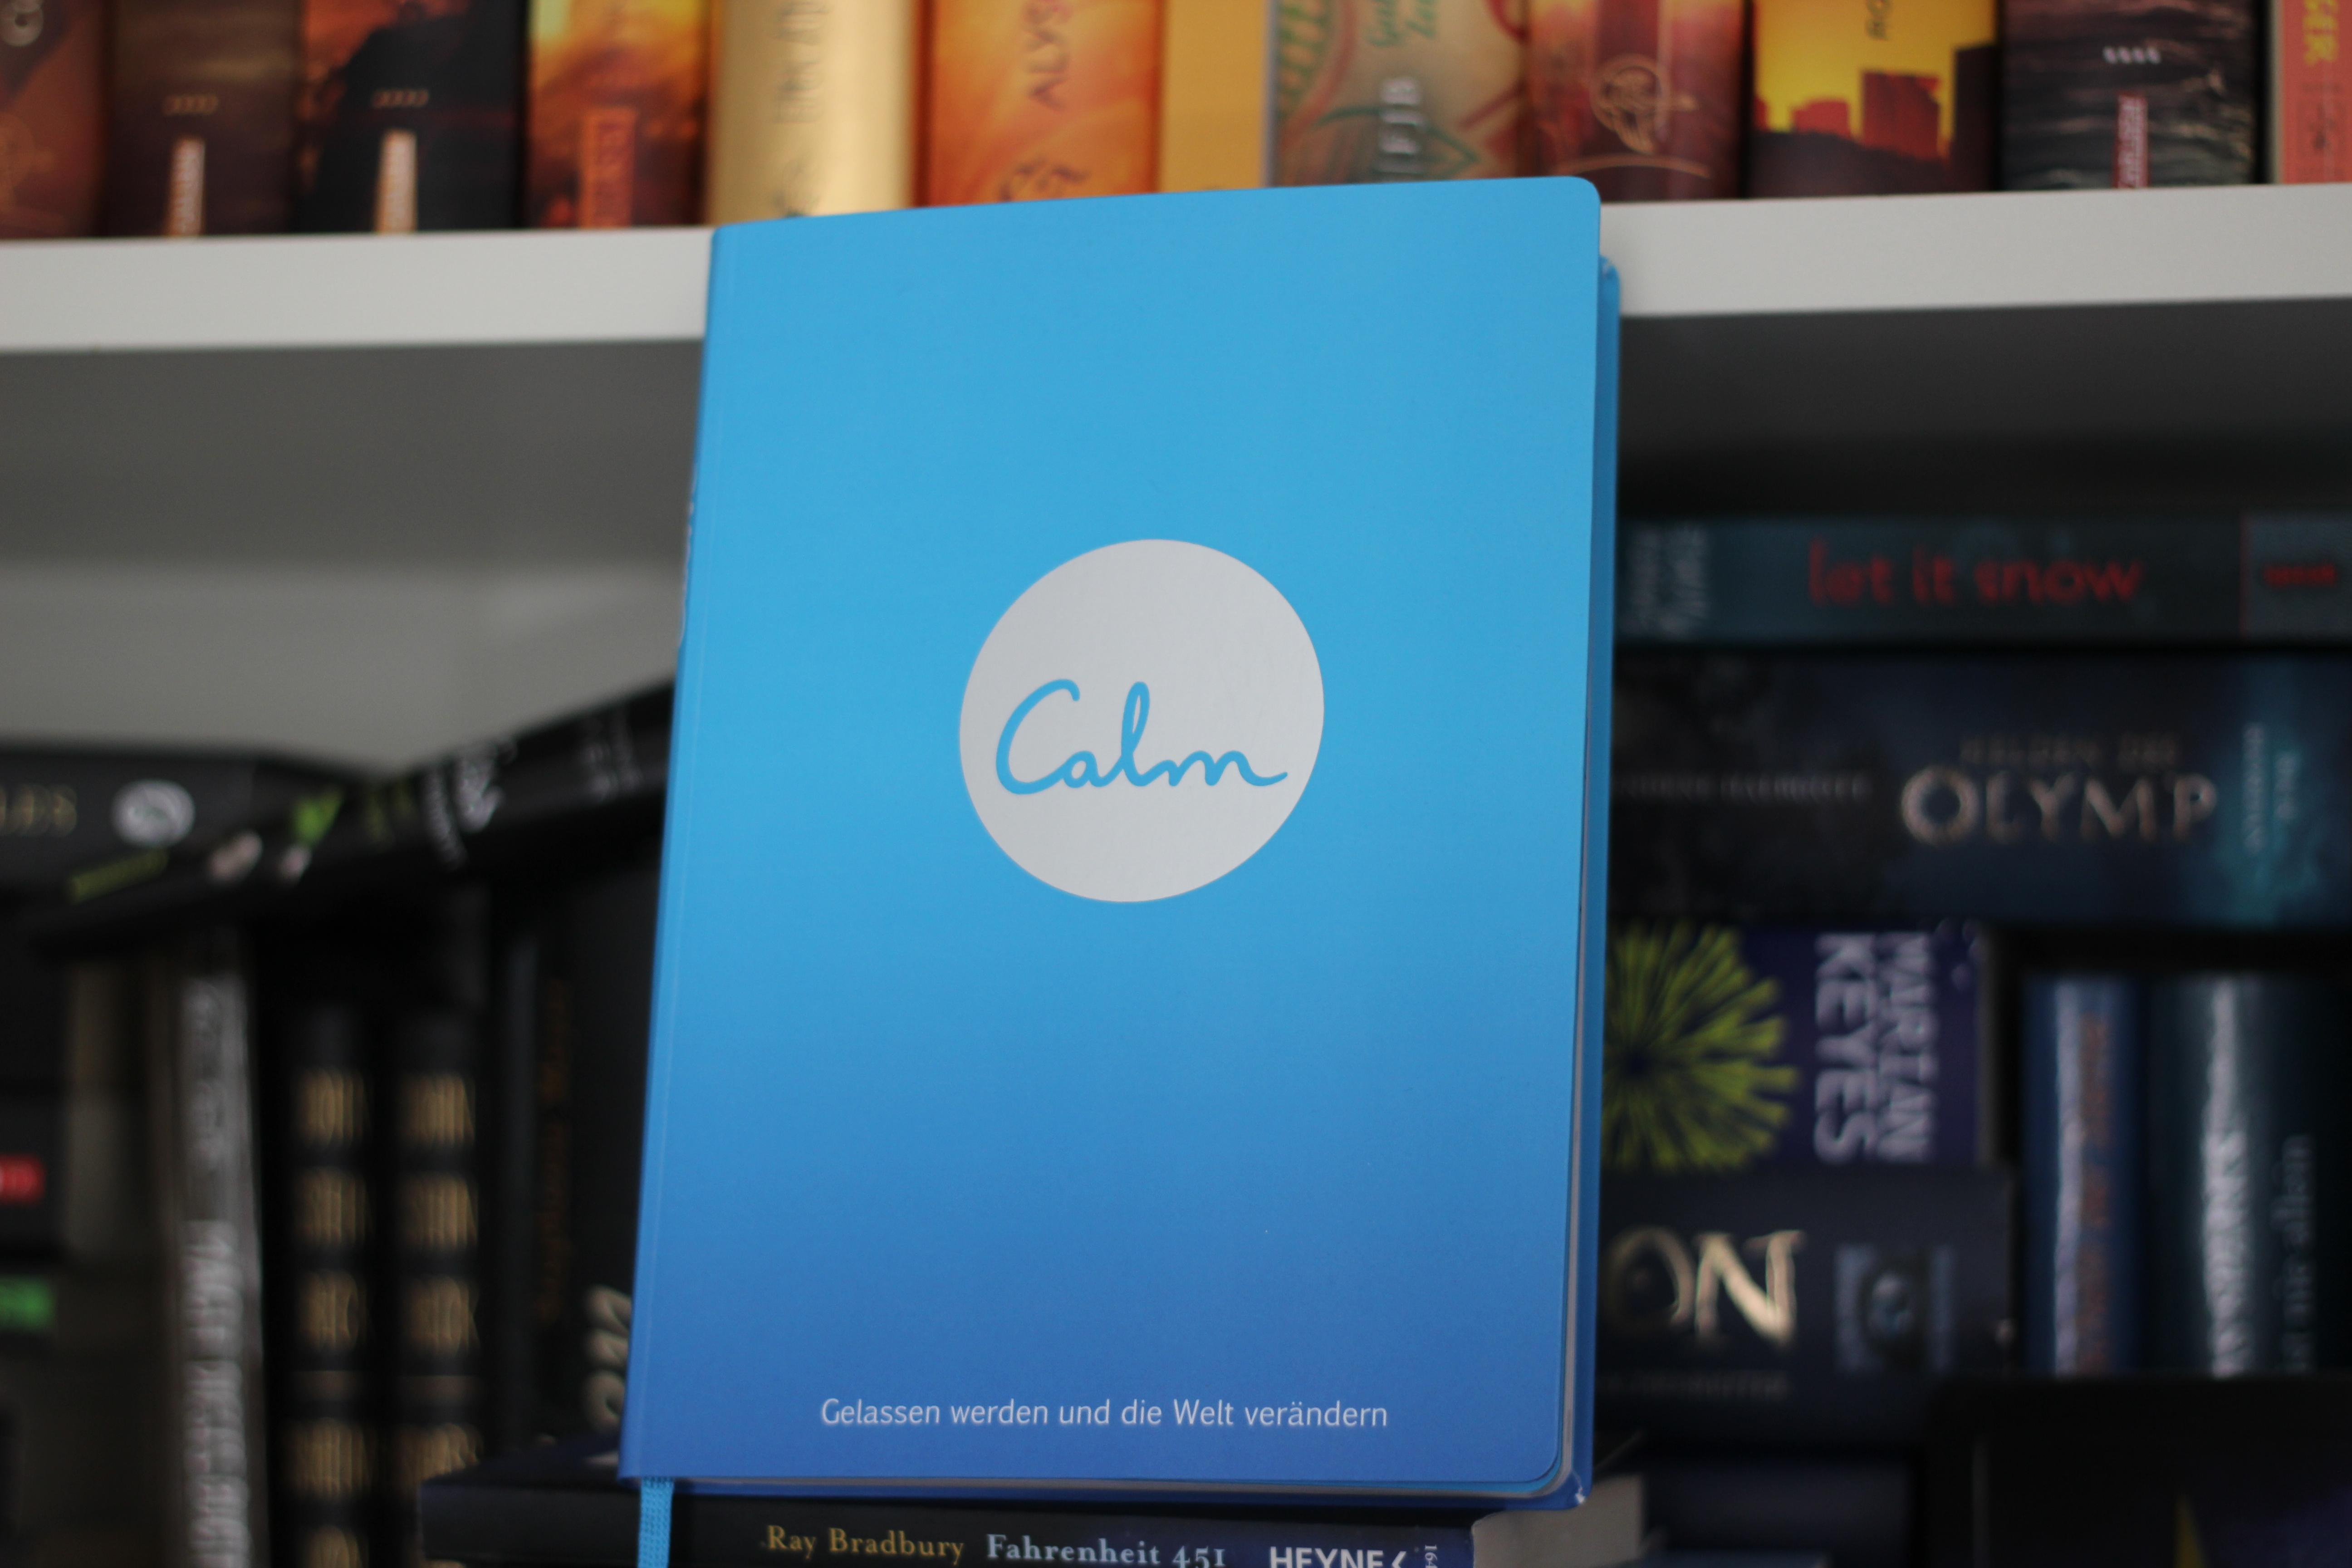 Calm – Gelassen werden und die Welt verändern